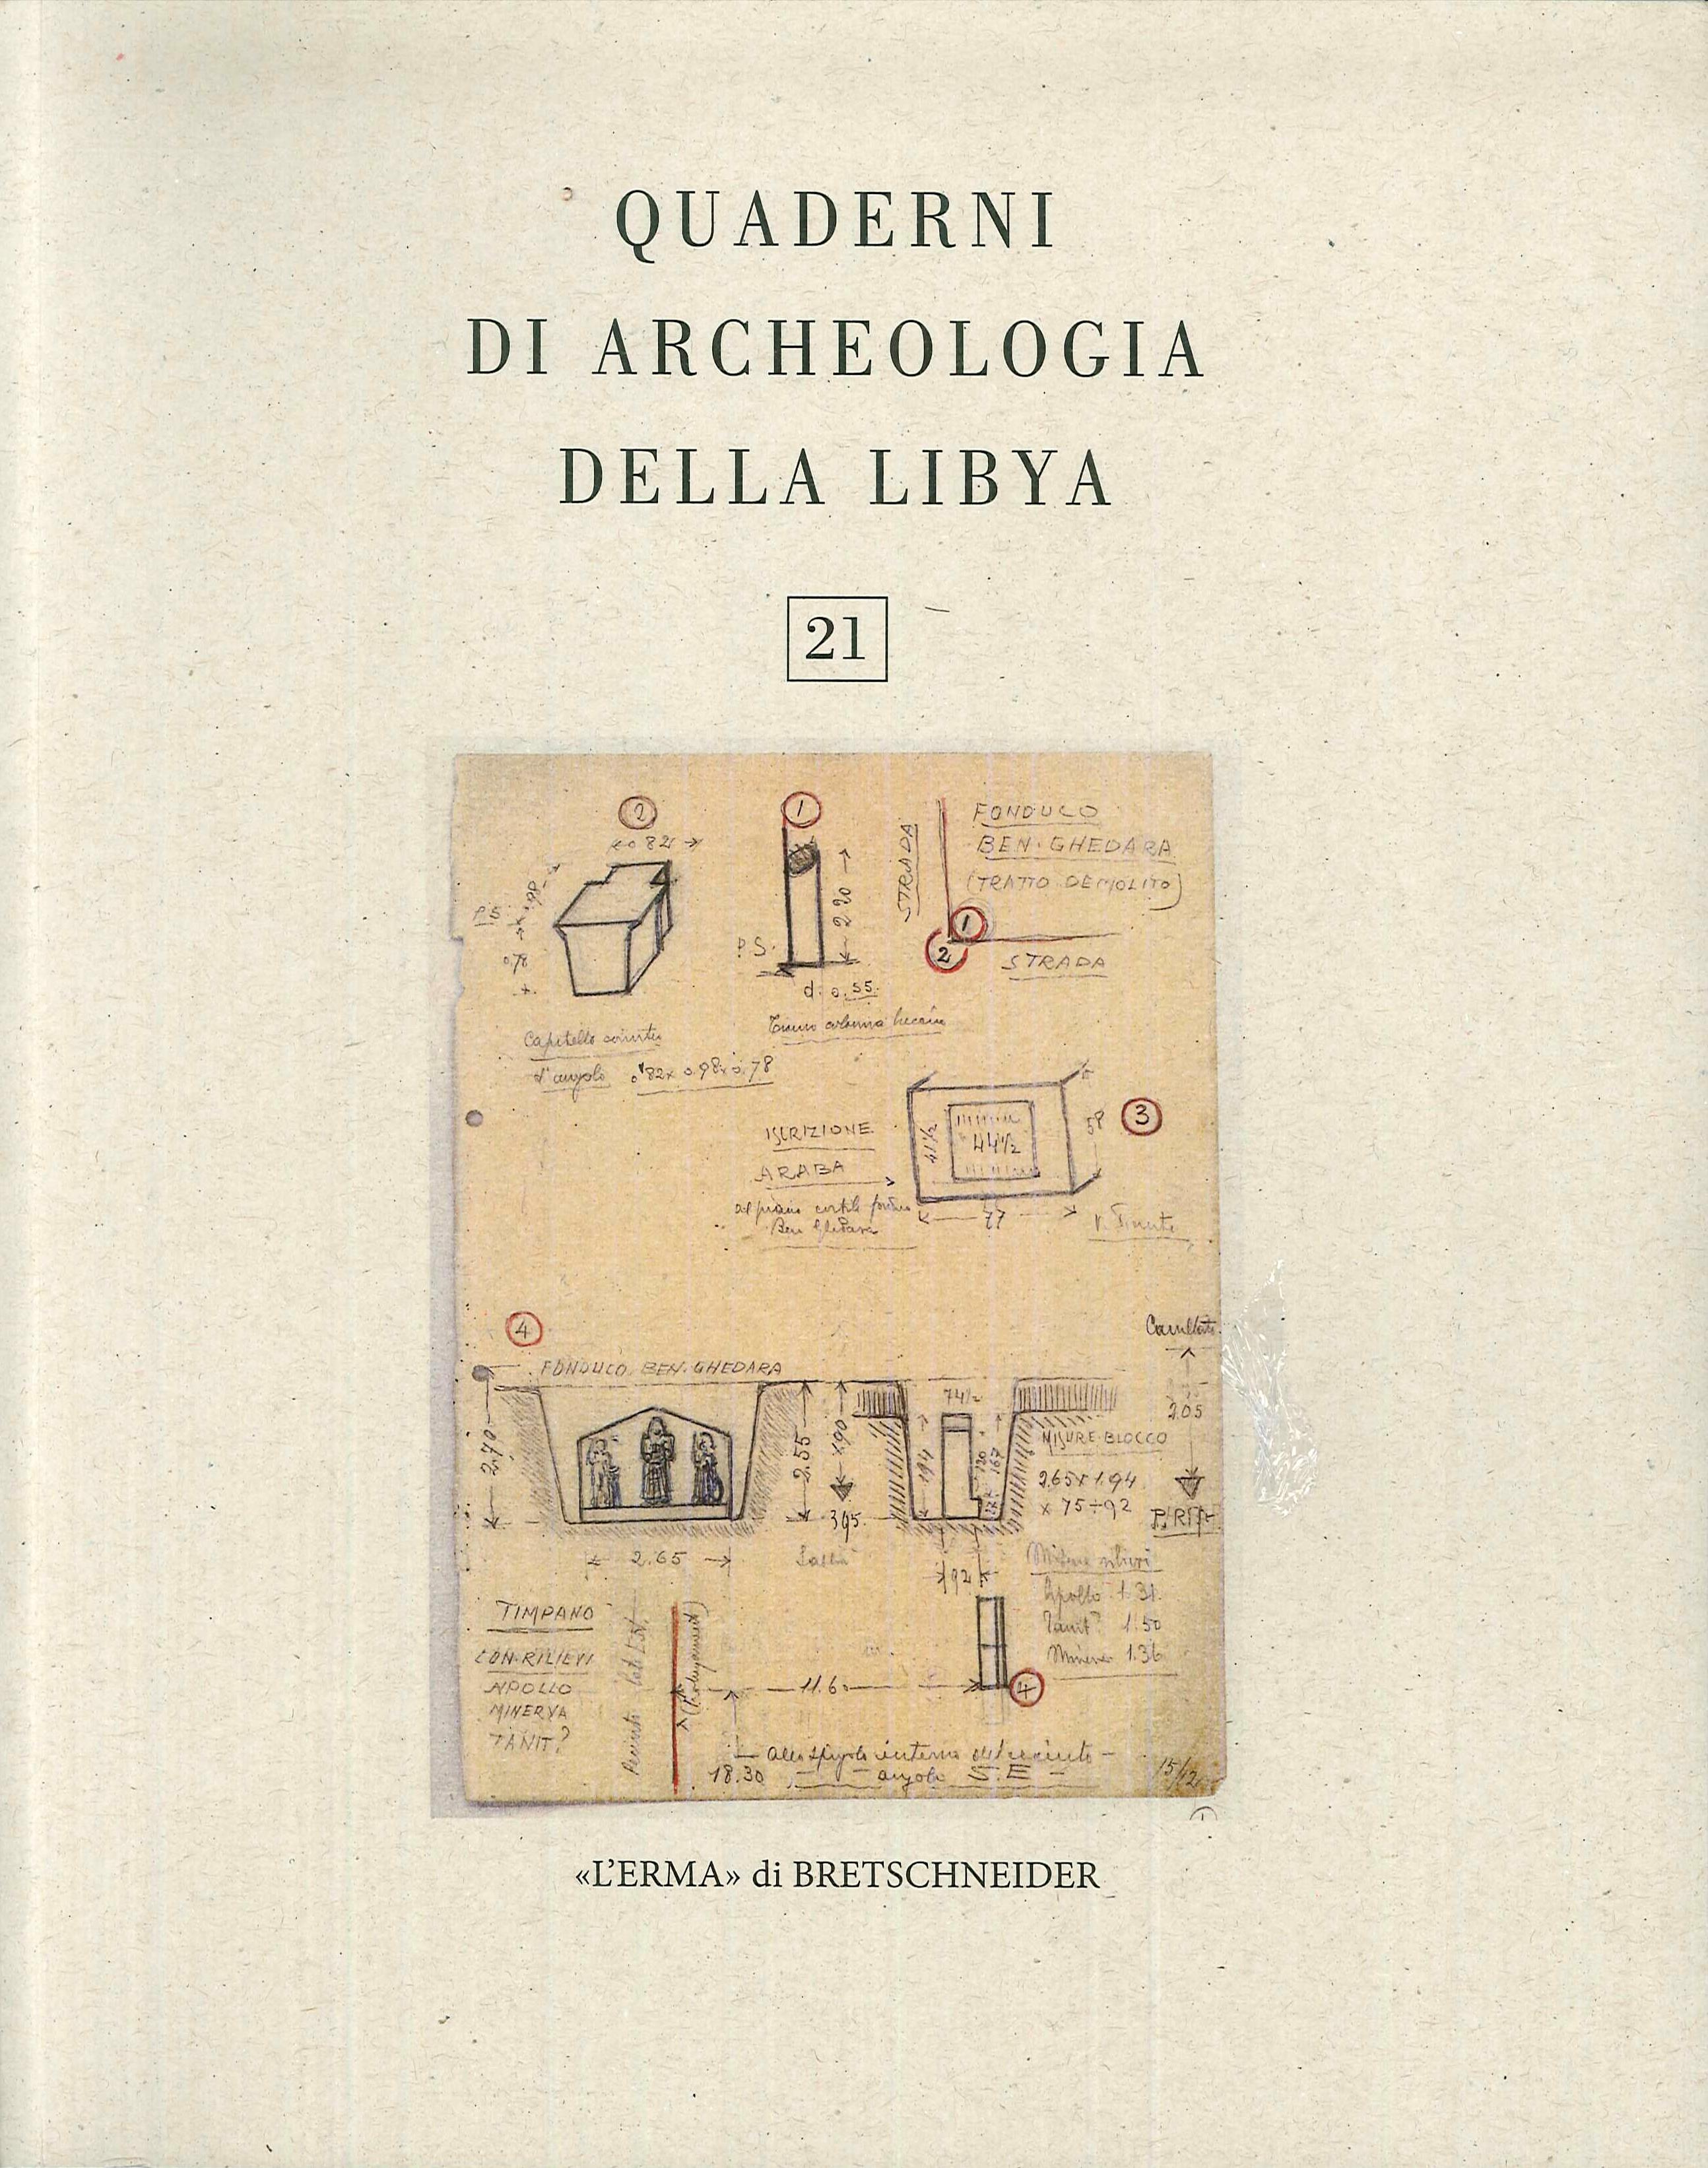 Quaderni di Archeologia della Libya. 21